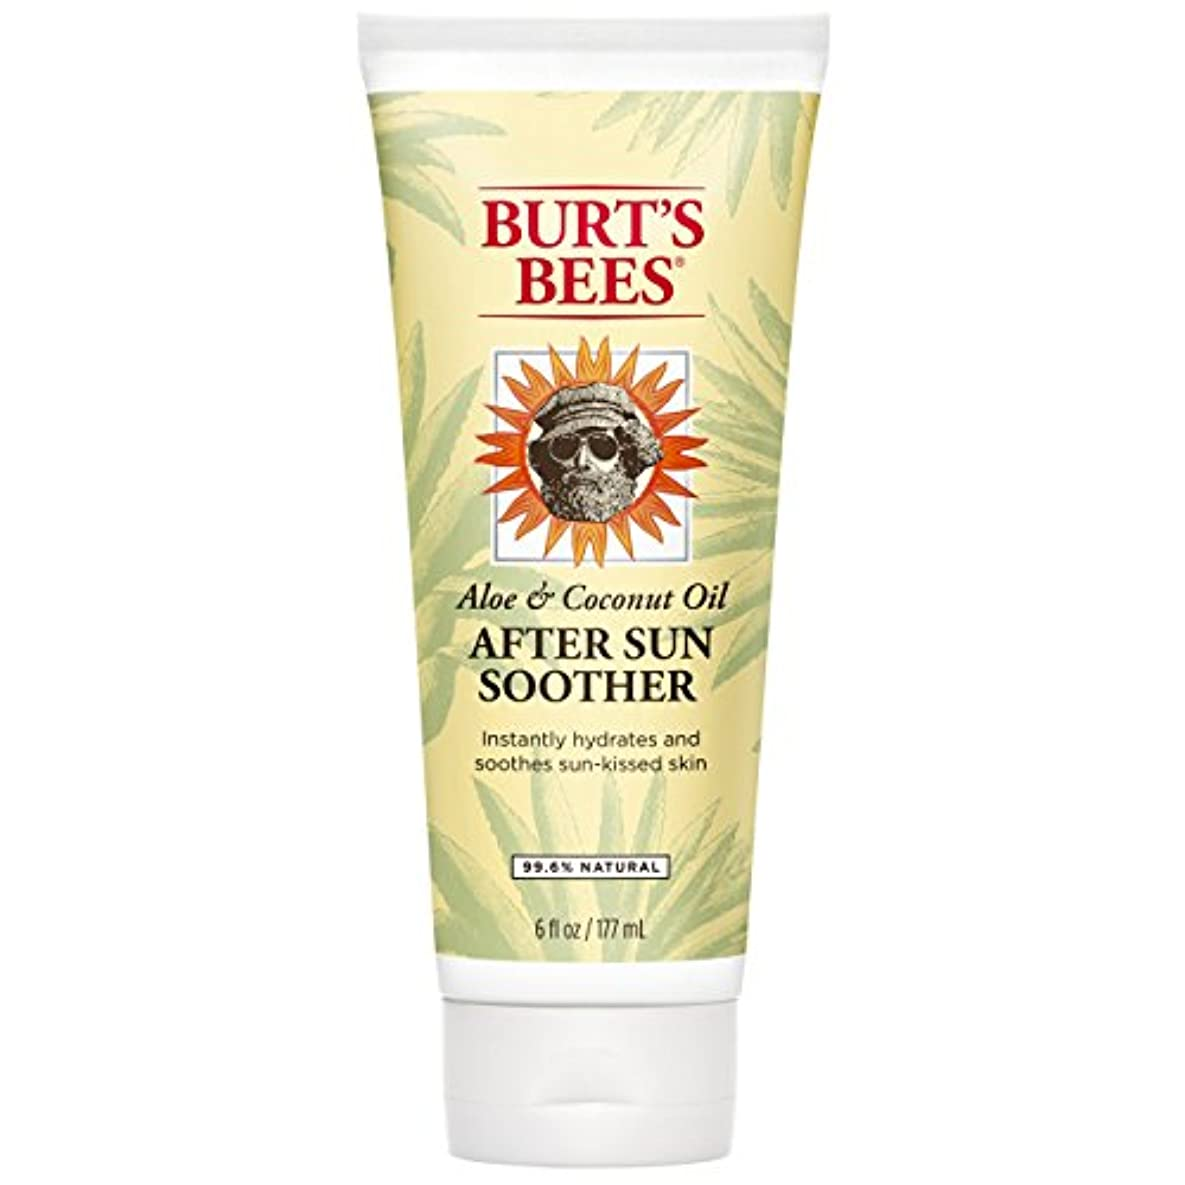 バタフライオールチロバーツビーズ 日焼け後の肌に潤いを After Sun Soother177ml**並行輸入